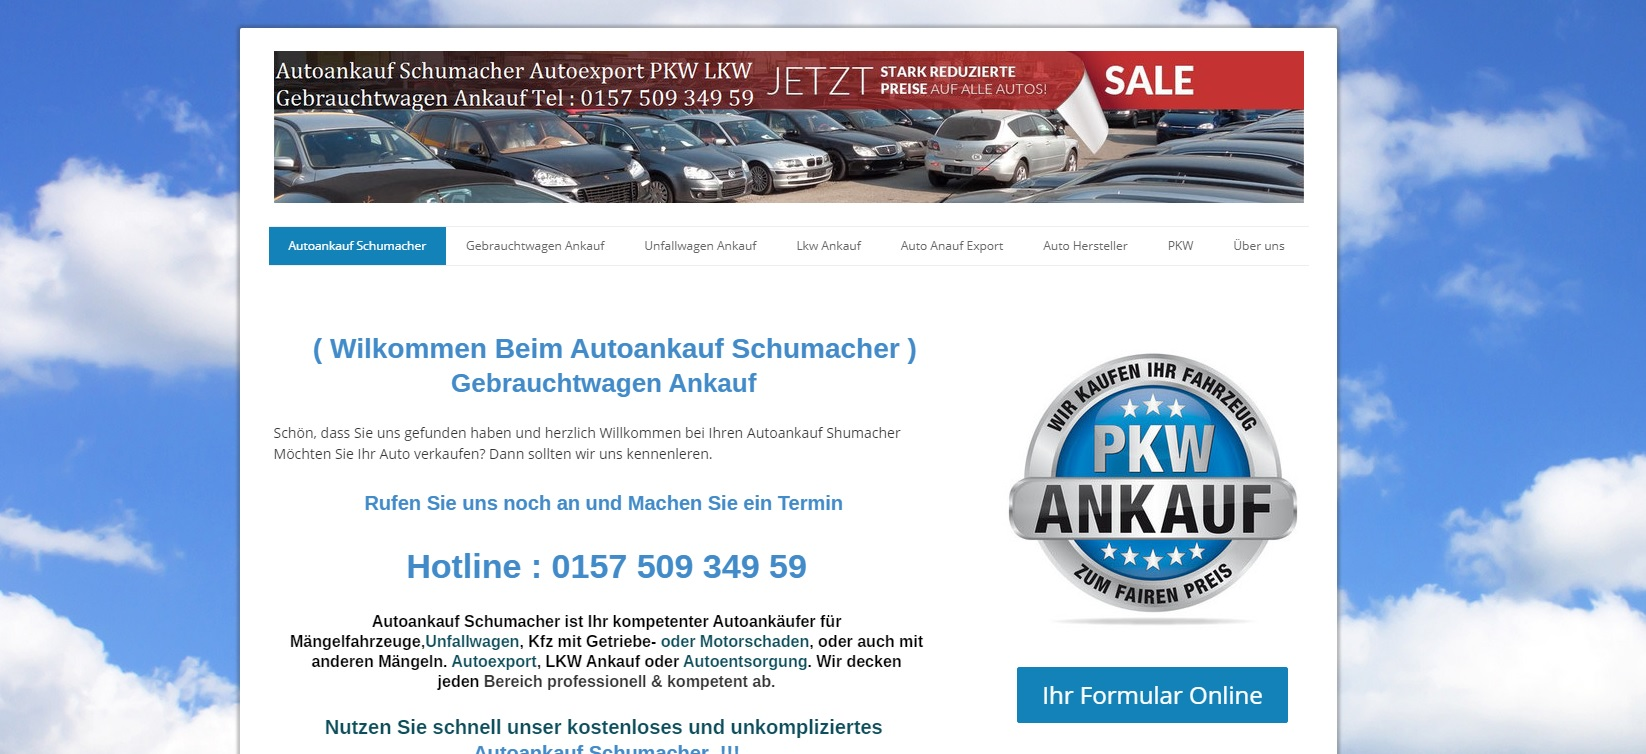 autoankauf-schumacher.de - Autoankauf Augsburg